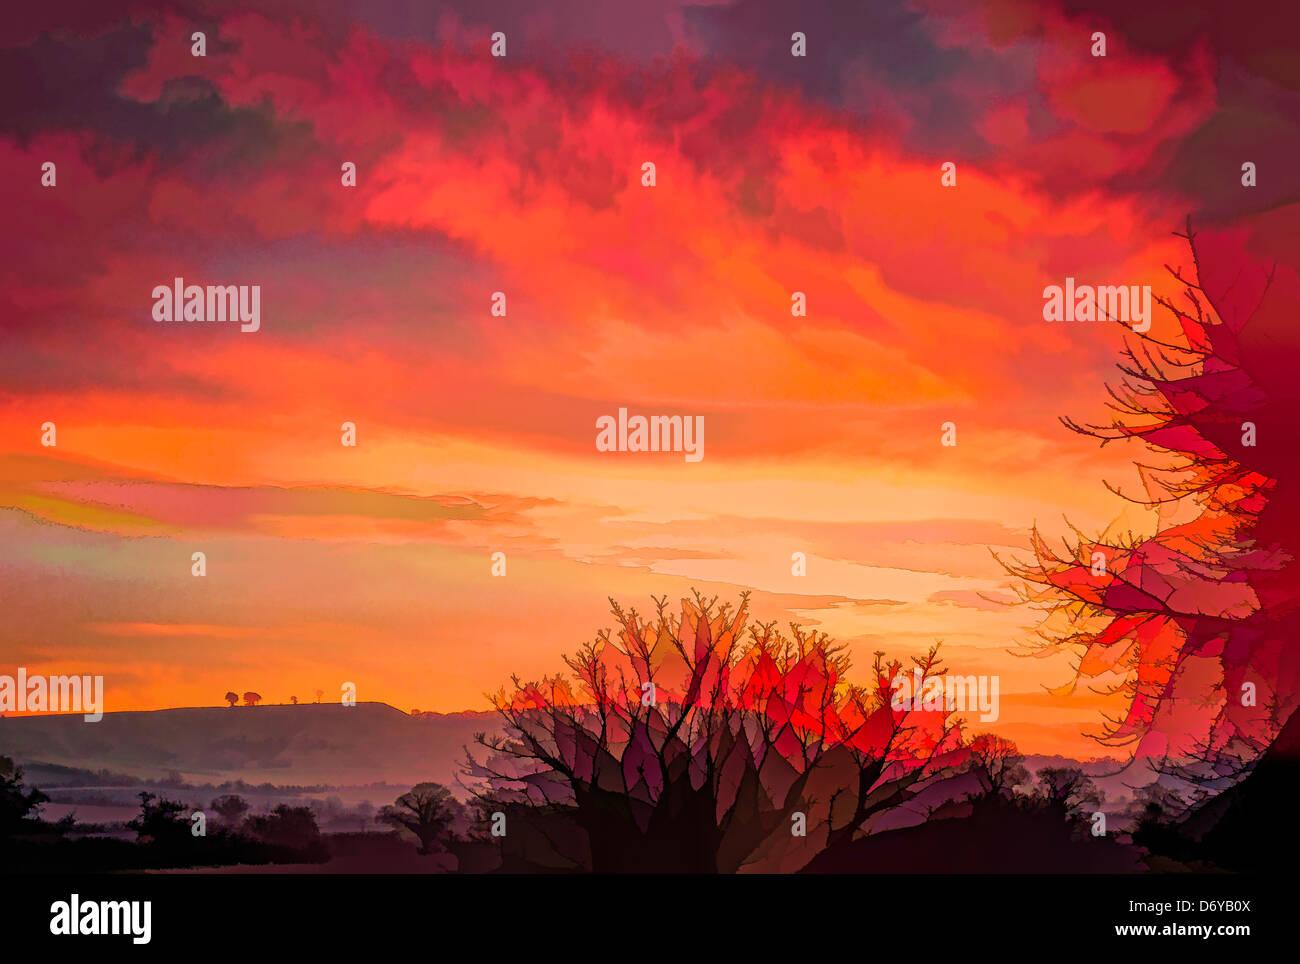 L'interprétation artistique délibérée de Paysage photographie originale pour simuler le Photo Stock